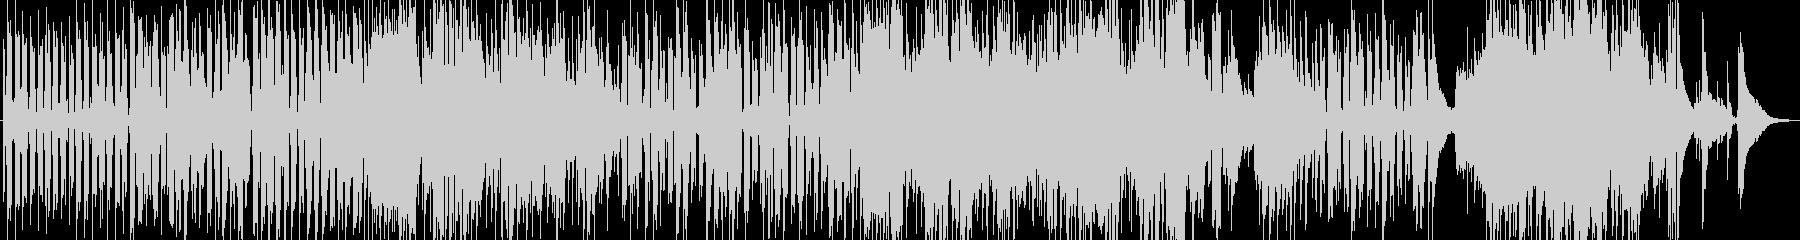 アコギ弾き語り 切ない系フォークソングの未再生の波形